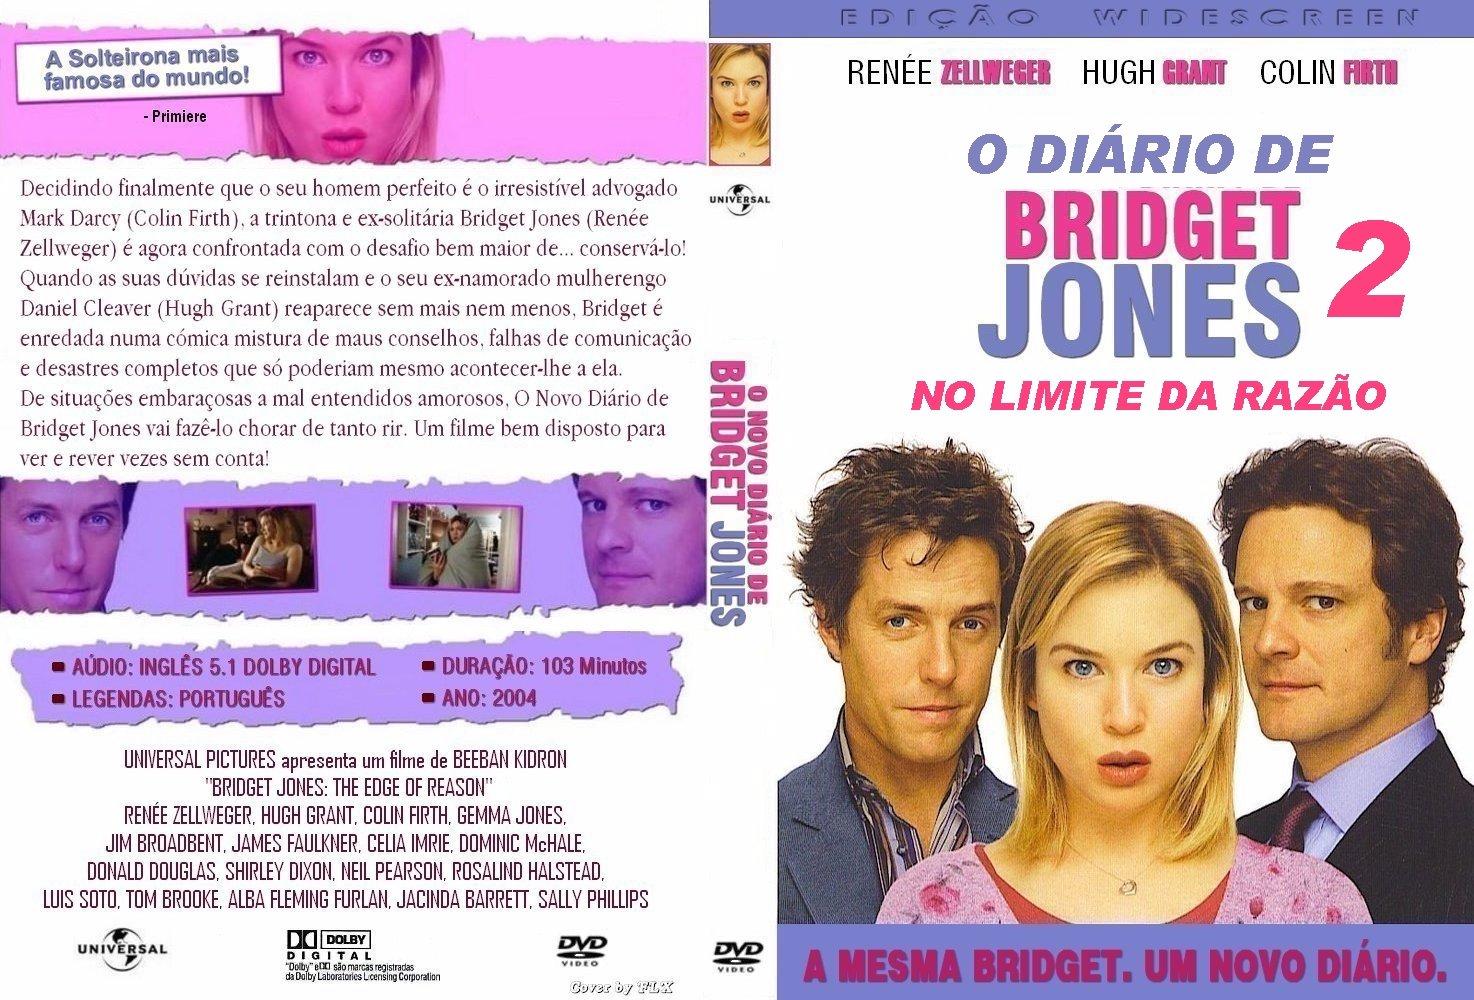 BRIDGET JONES FILME BAIXAR DUBLADO DIARIO DE 2 O